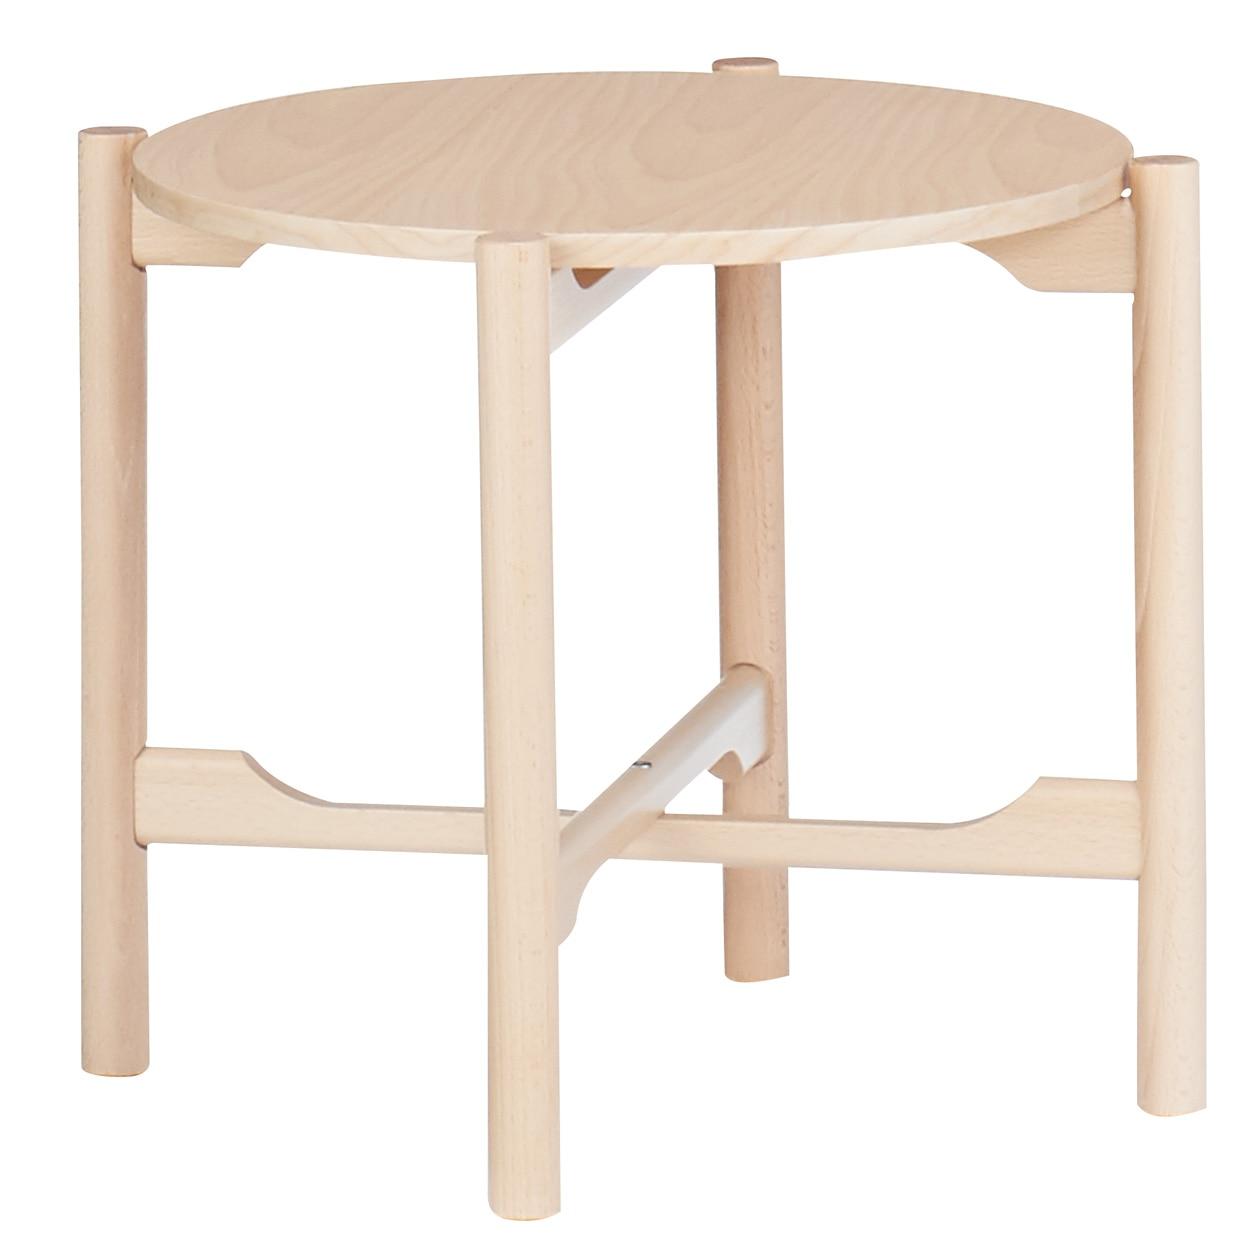 ブナ材サイドテーブル